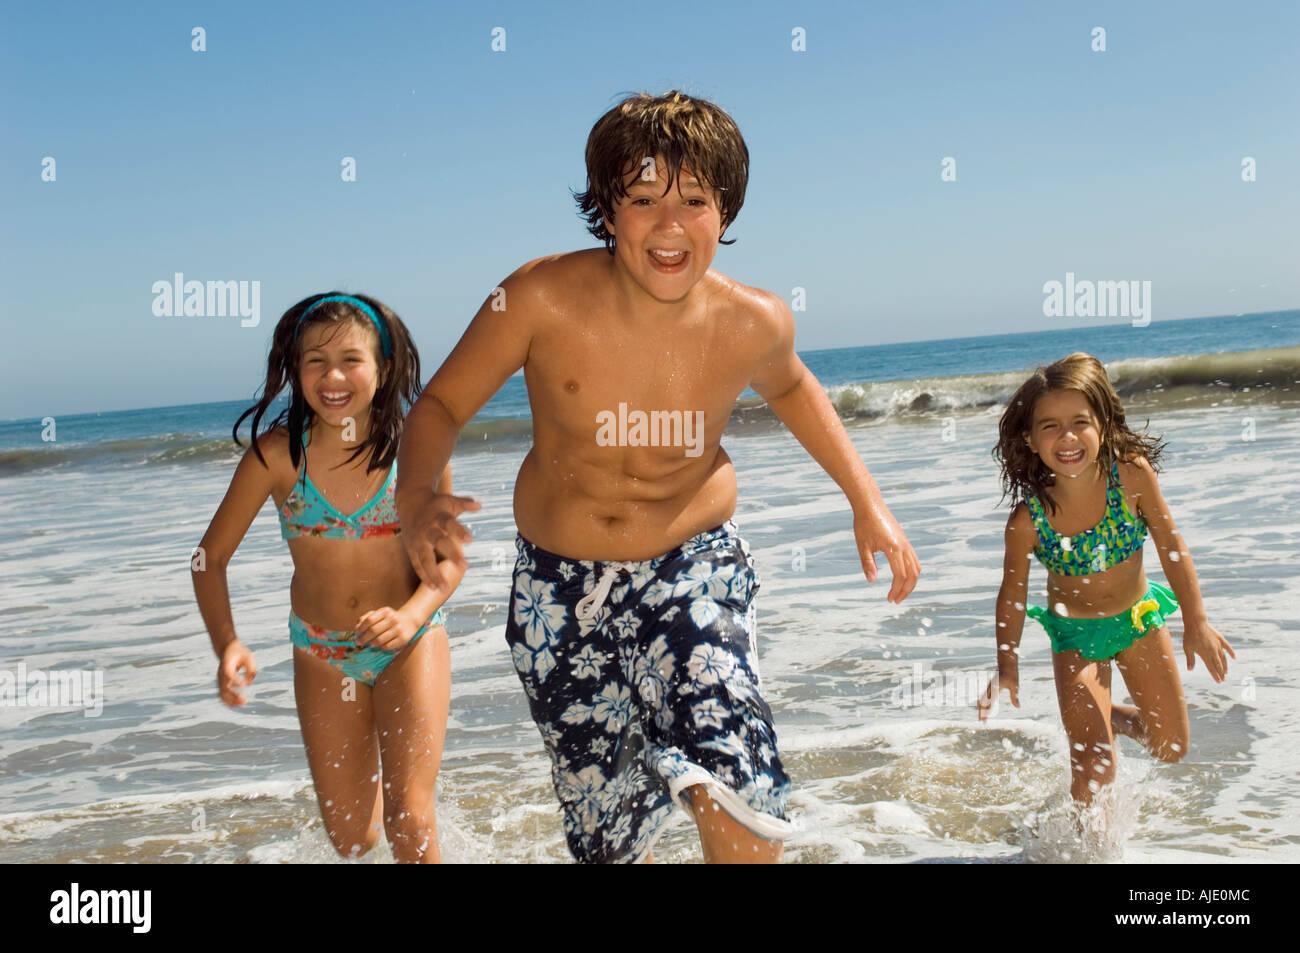 Children in swimwear running through waves - Stock Image